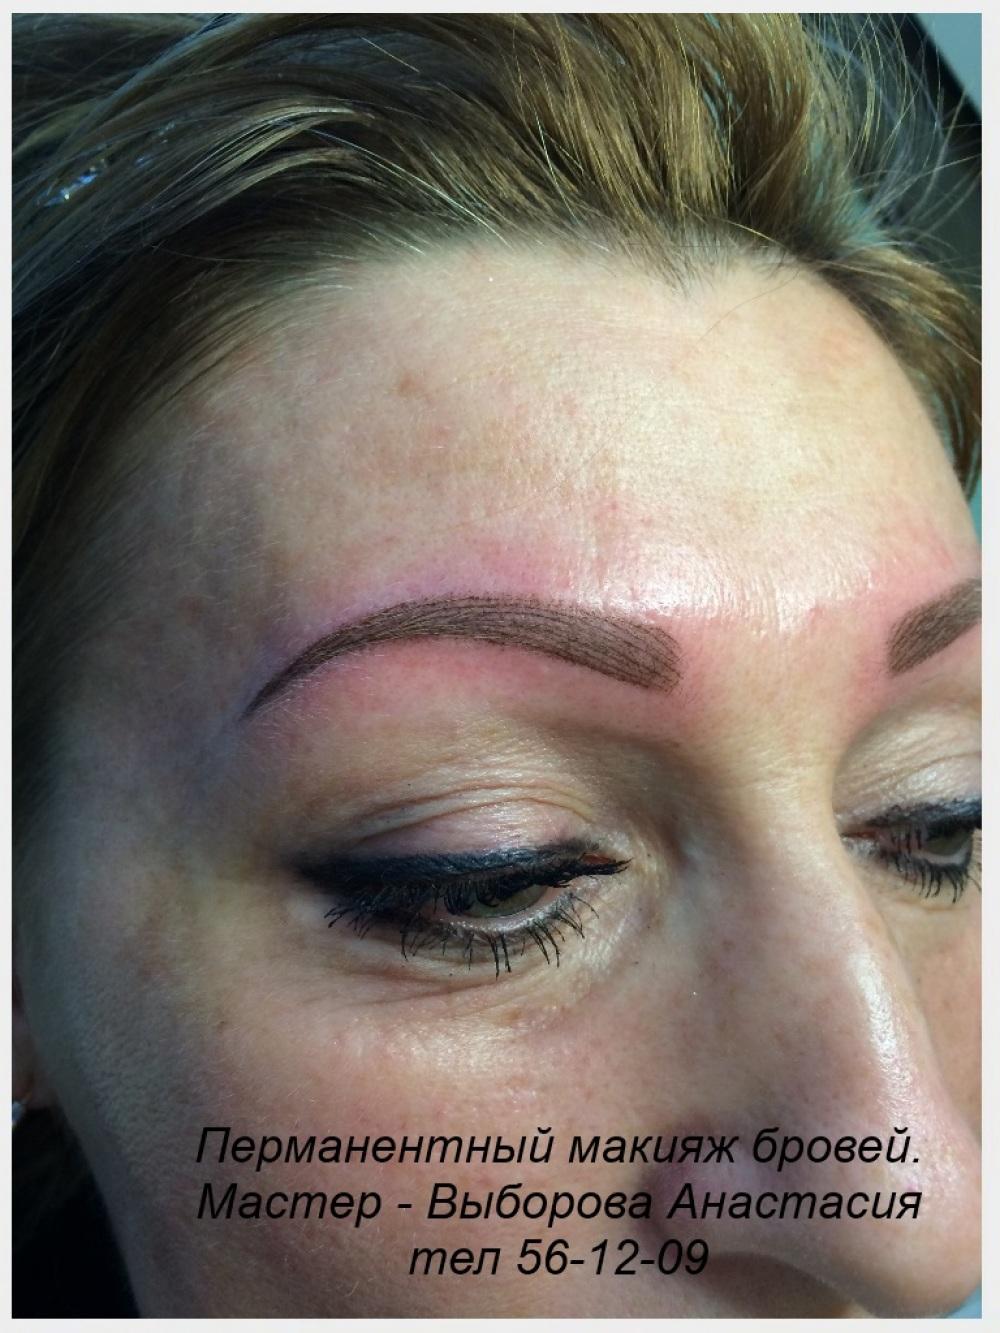 Татуаж бровей, как сделать перманентный макияж бровей